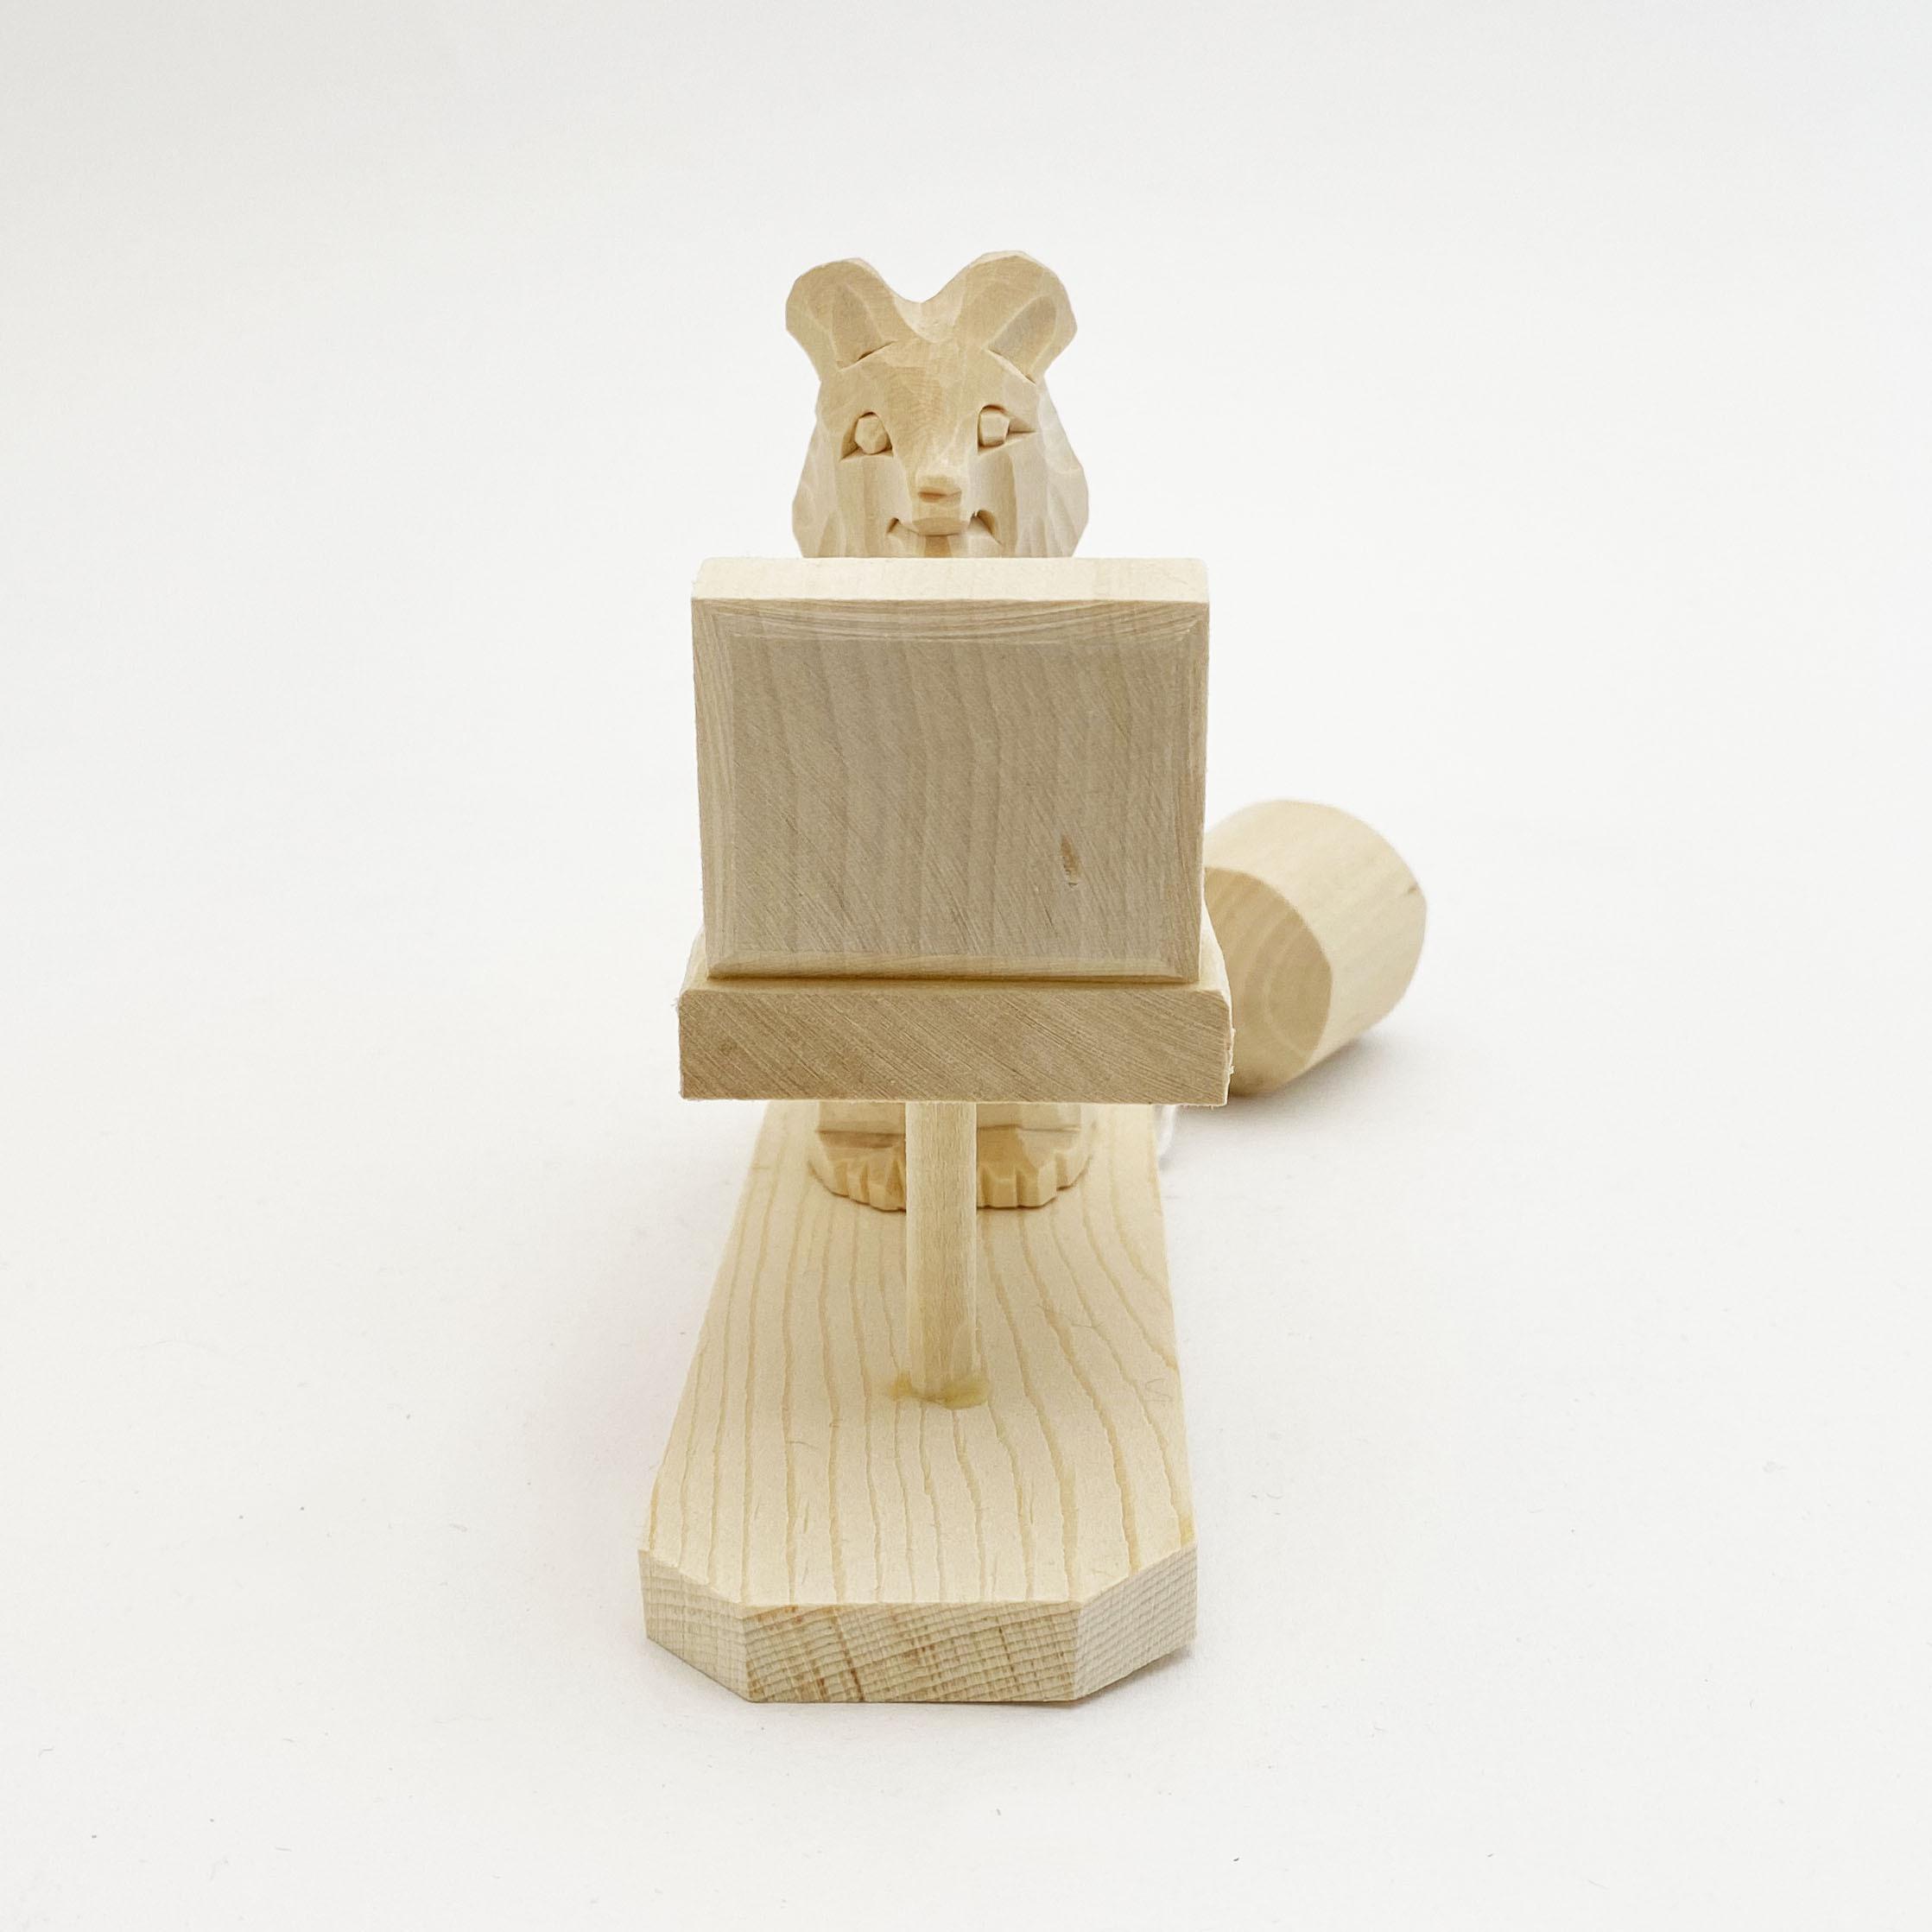 ボゴロツコエ木地玩具「クマのパソコンワーク」